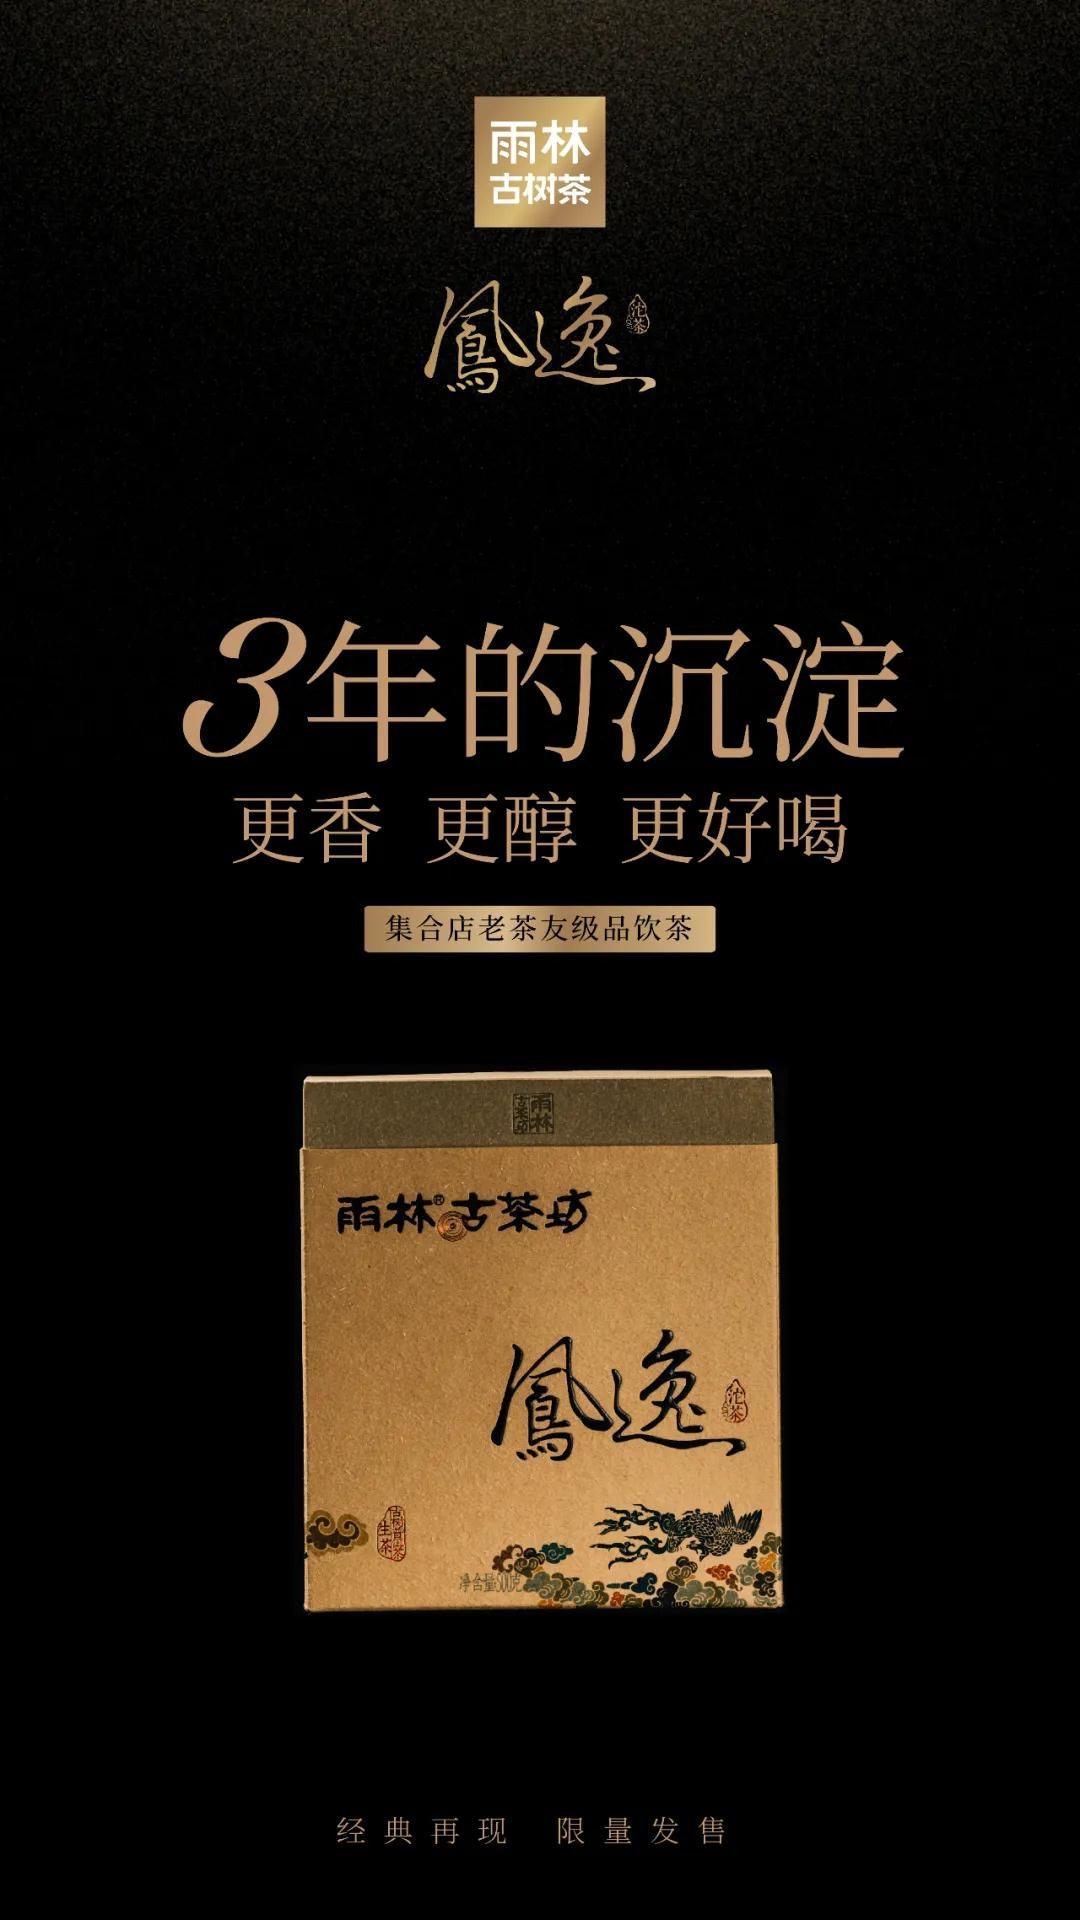 凤逸沱茶2.jpg